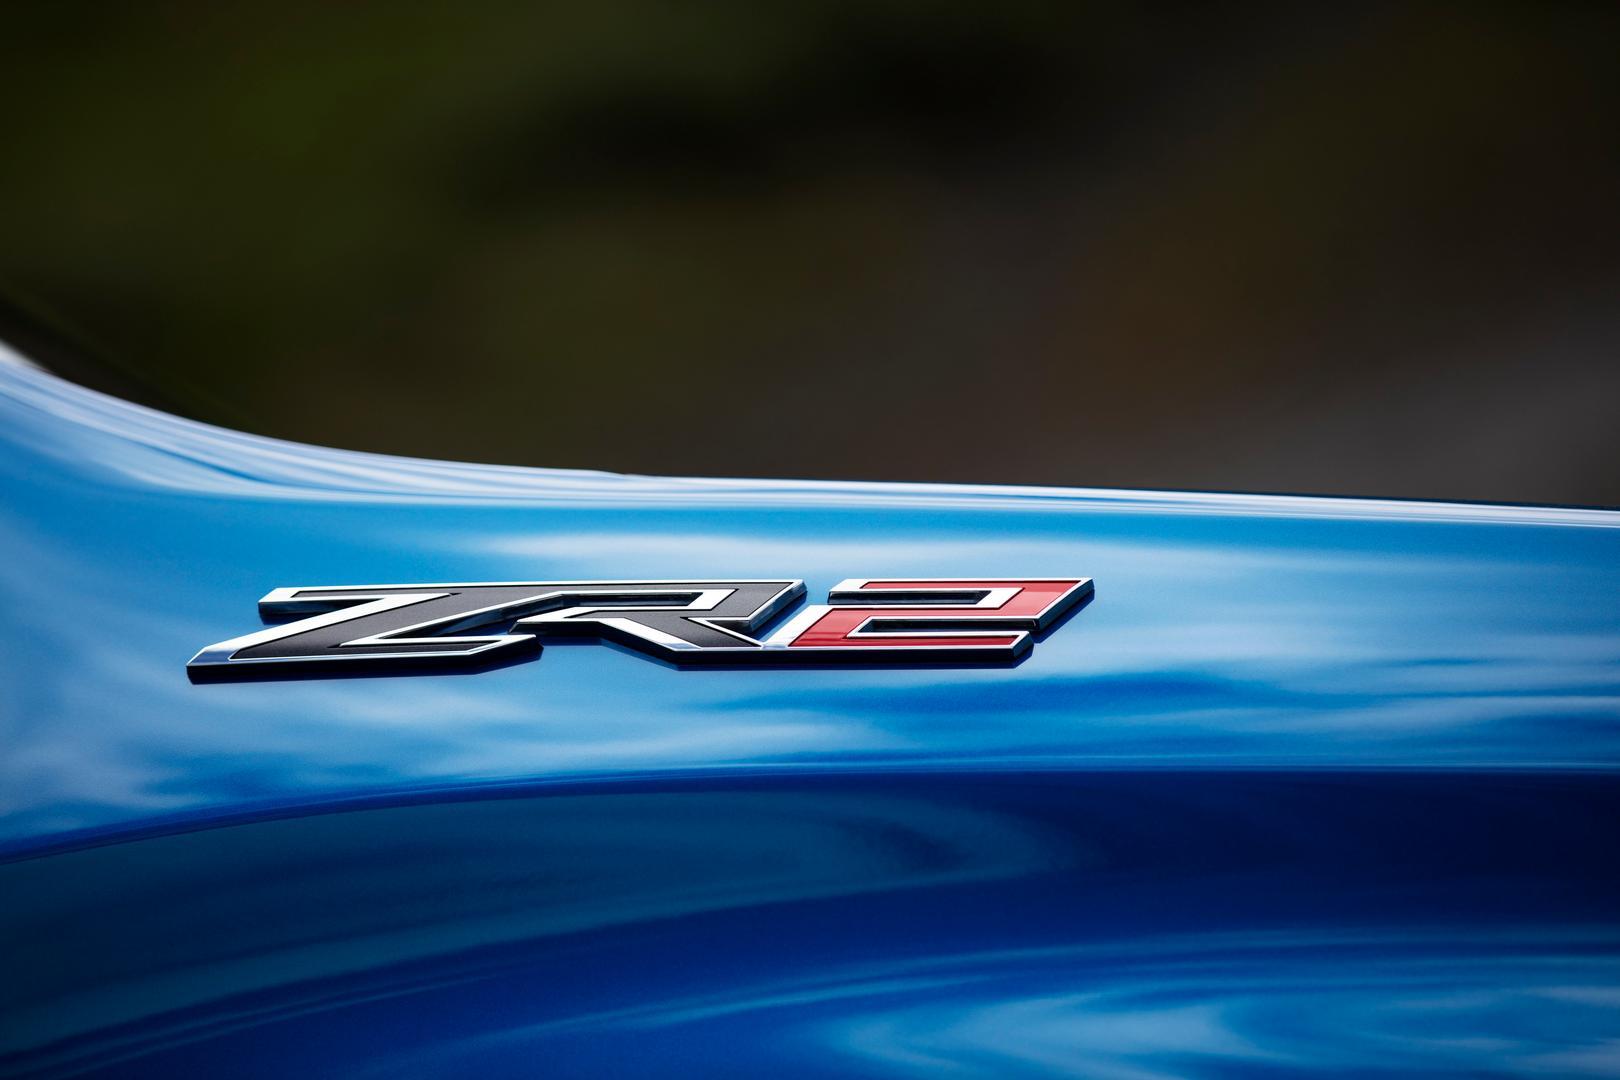 2022 Silverado ZR2 badge